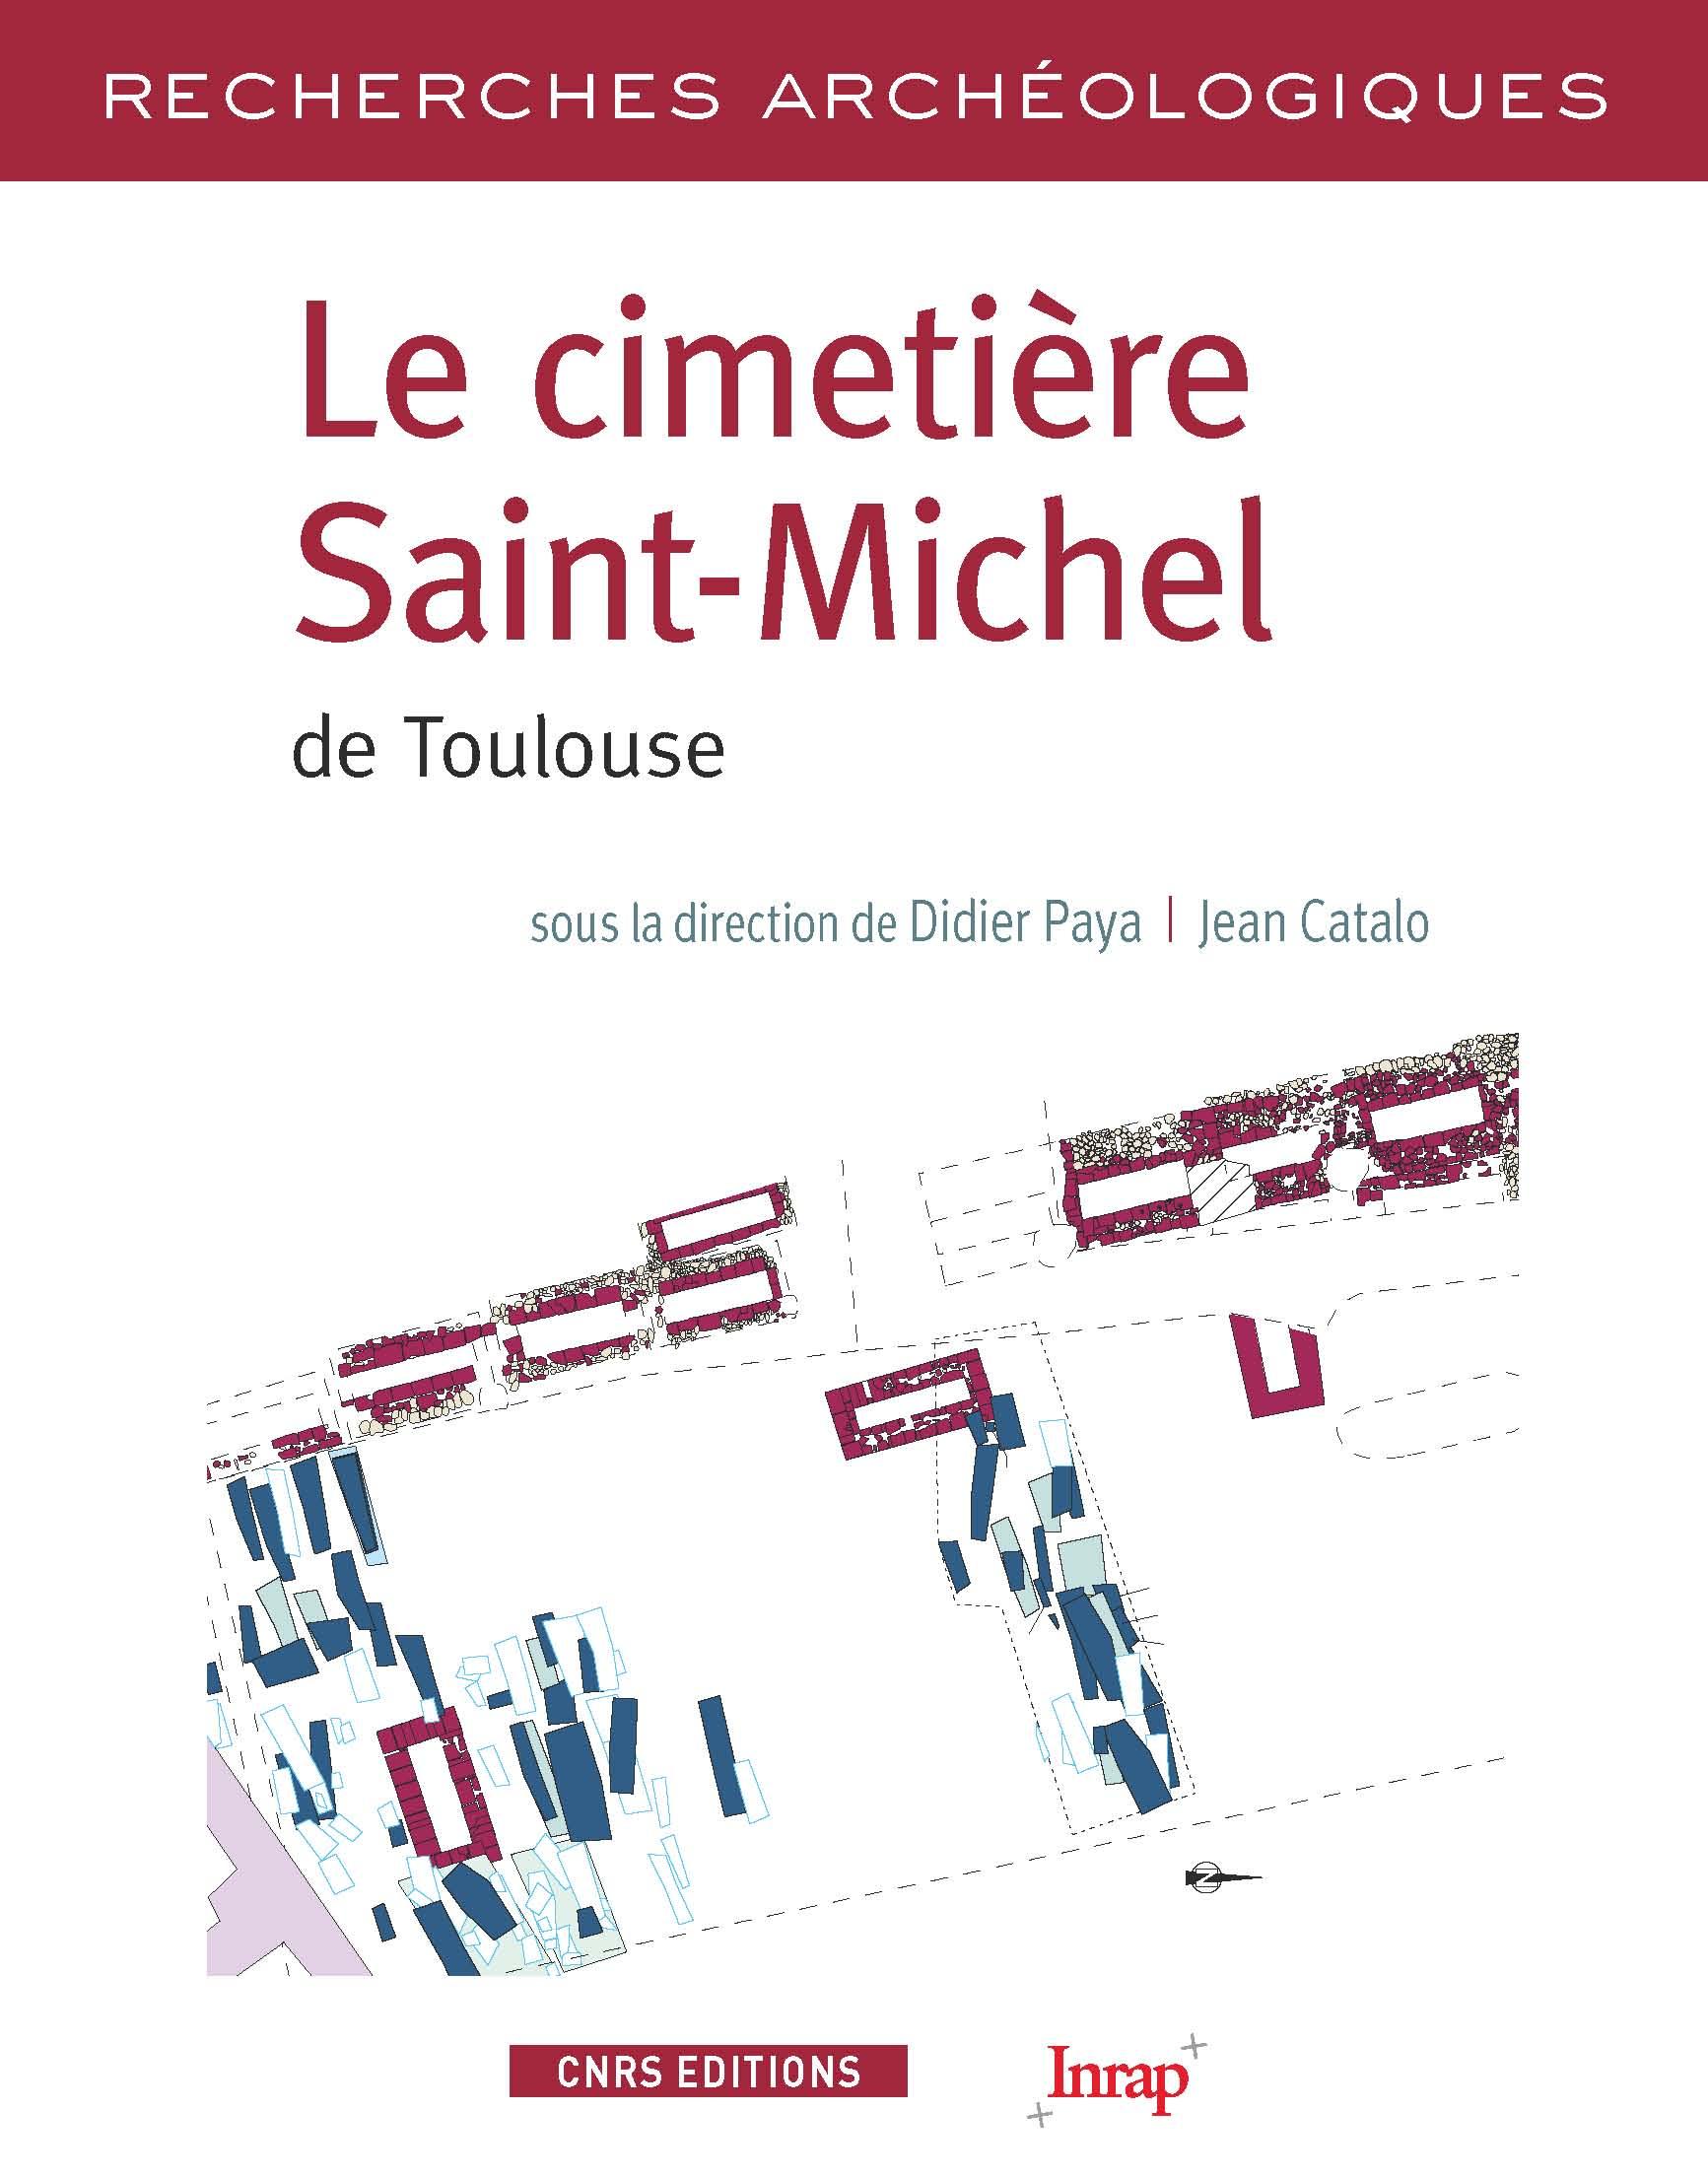 Le cimetière Saint-Michel de Toulouse